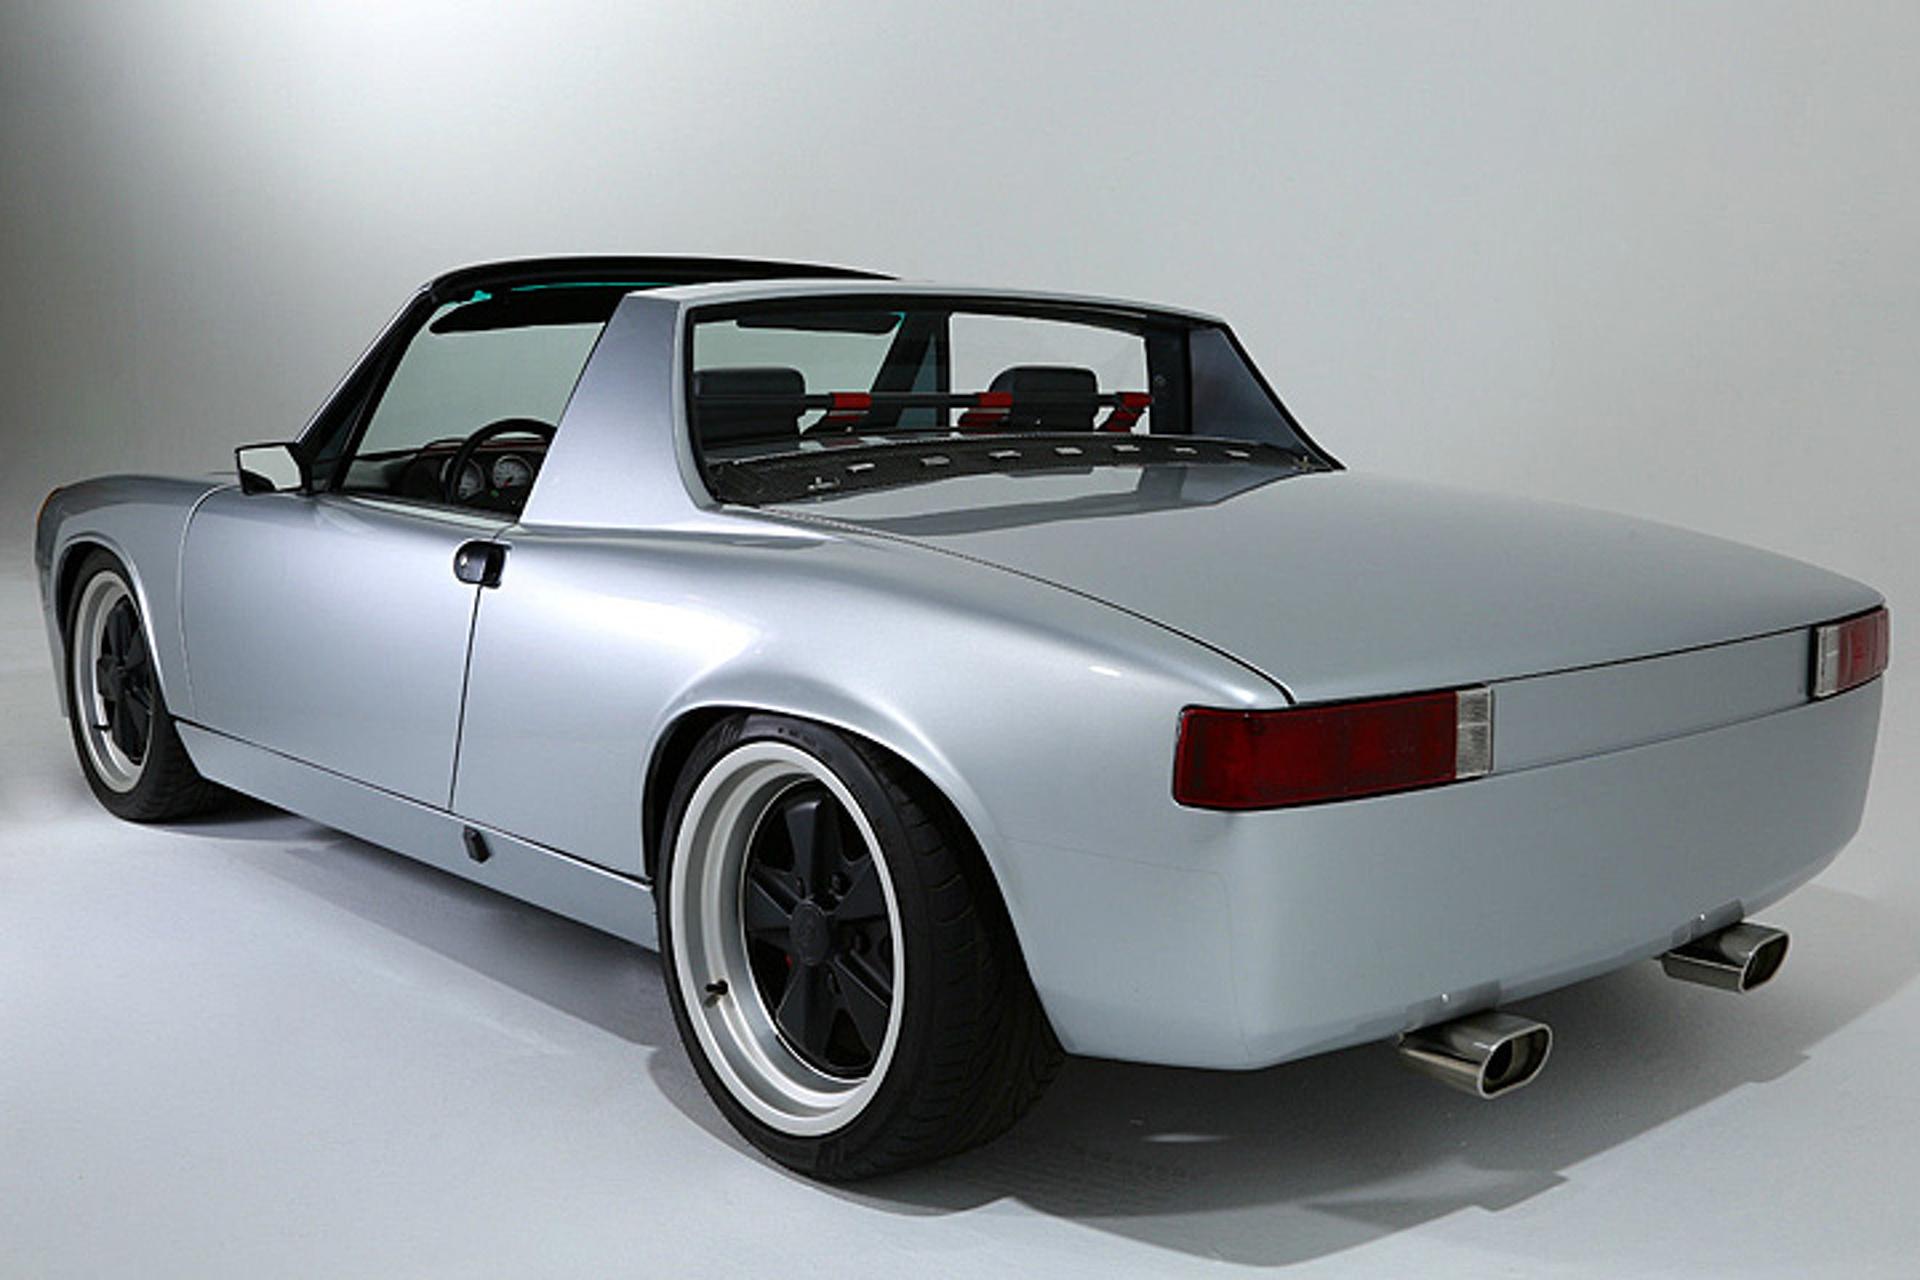 A V8 Beats Inside this '70s Porsche 914   Motor1.com Photos